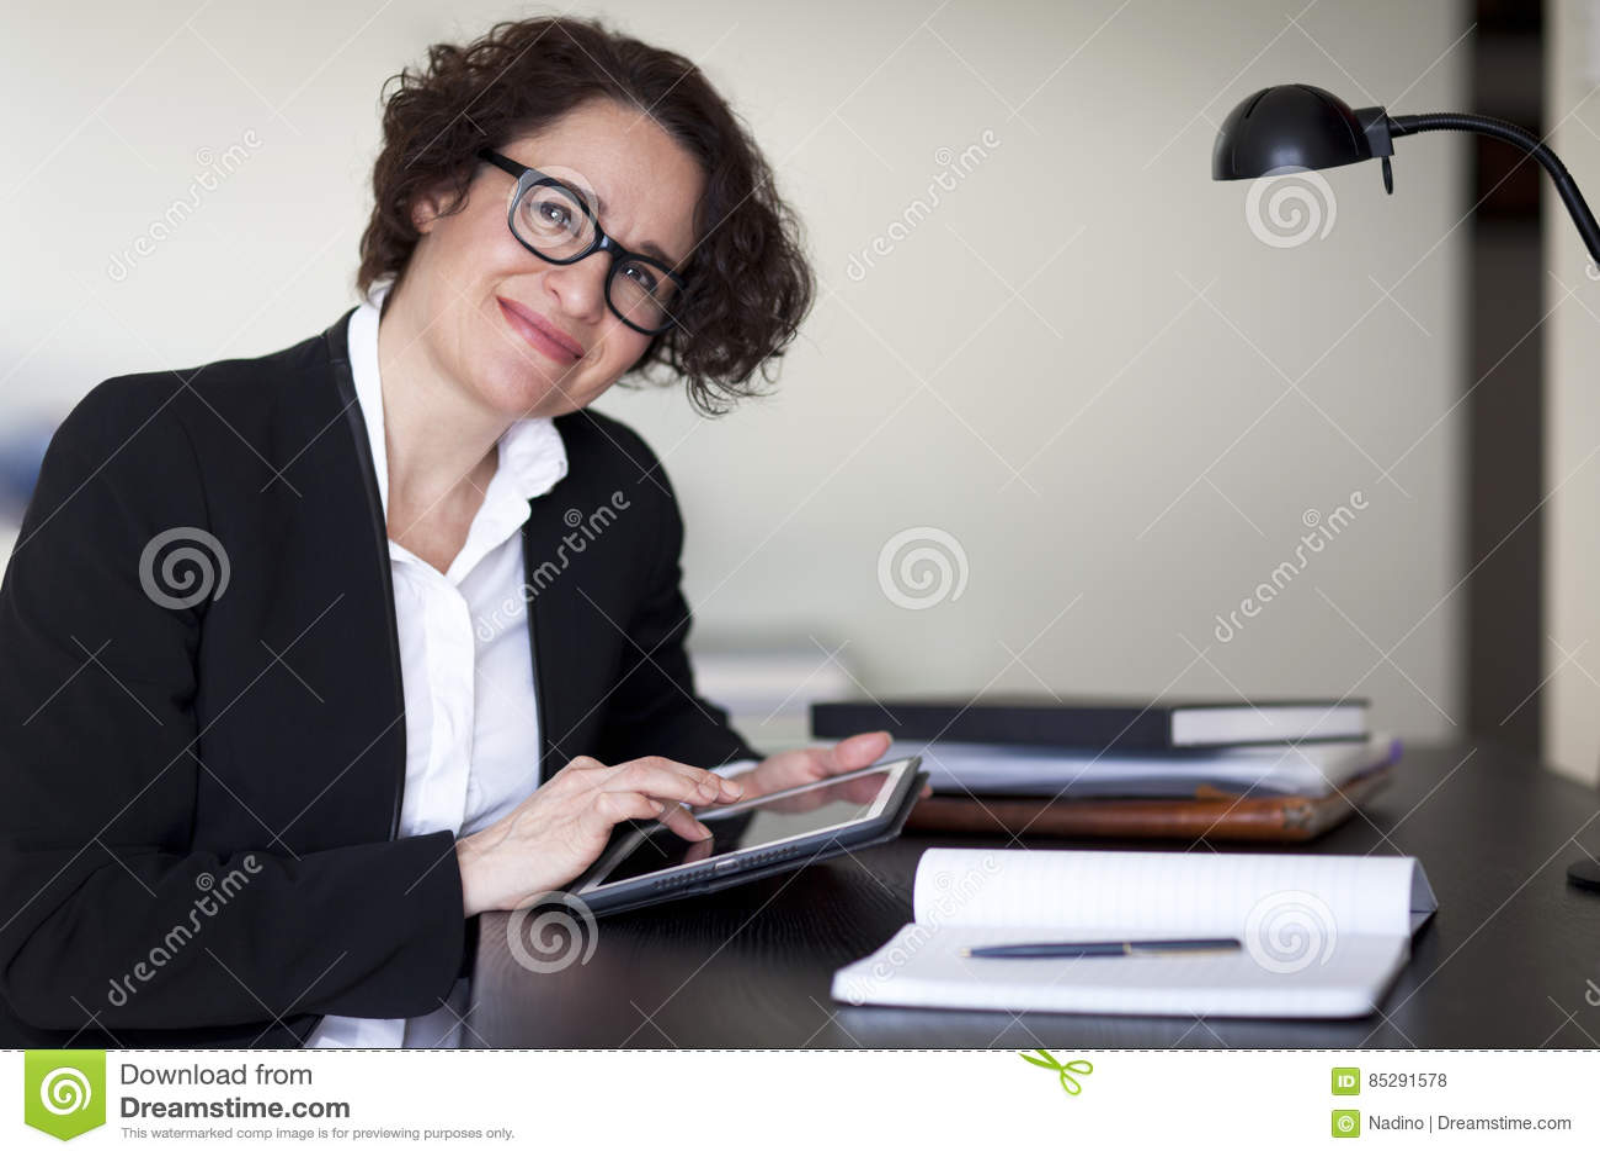 Femme d affaires espagnole smiling at l appareil photo au bureau